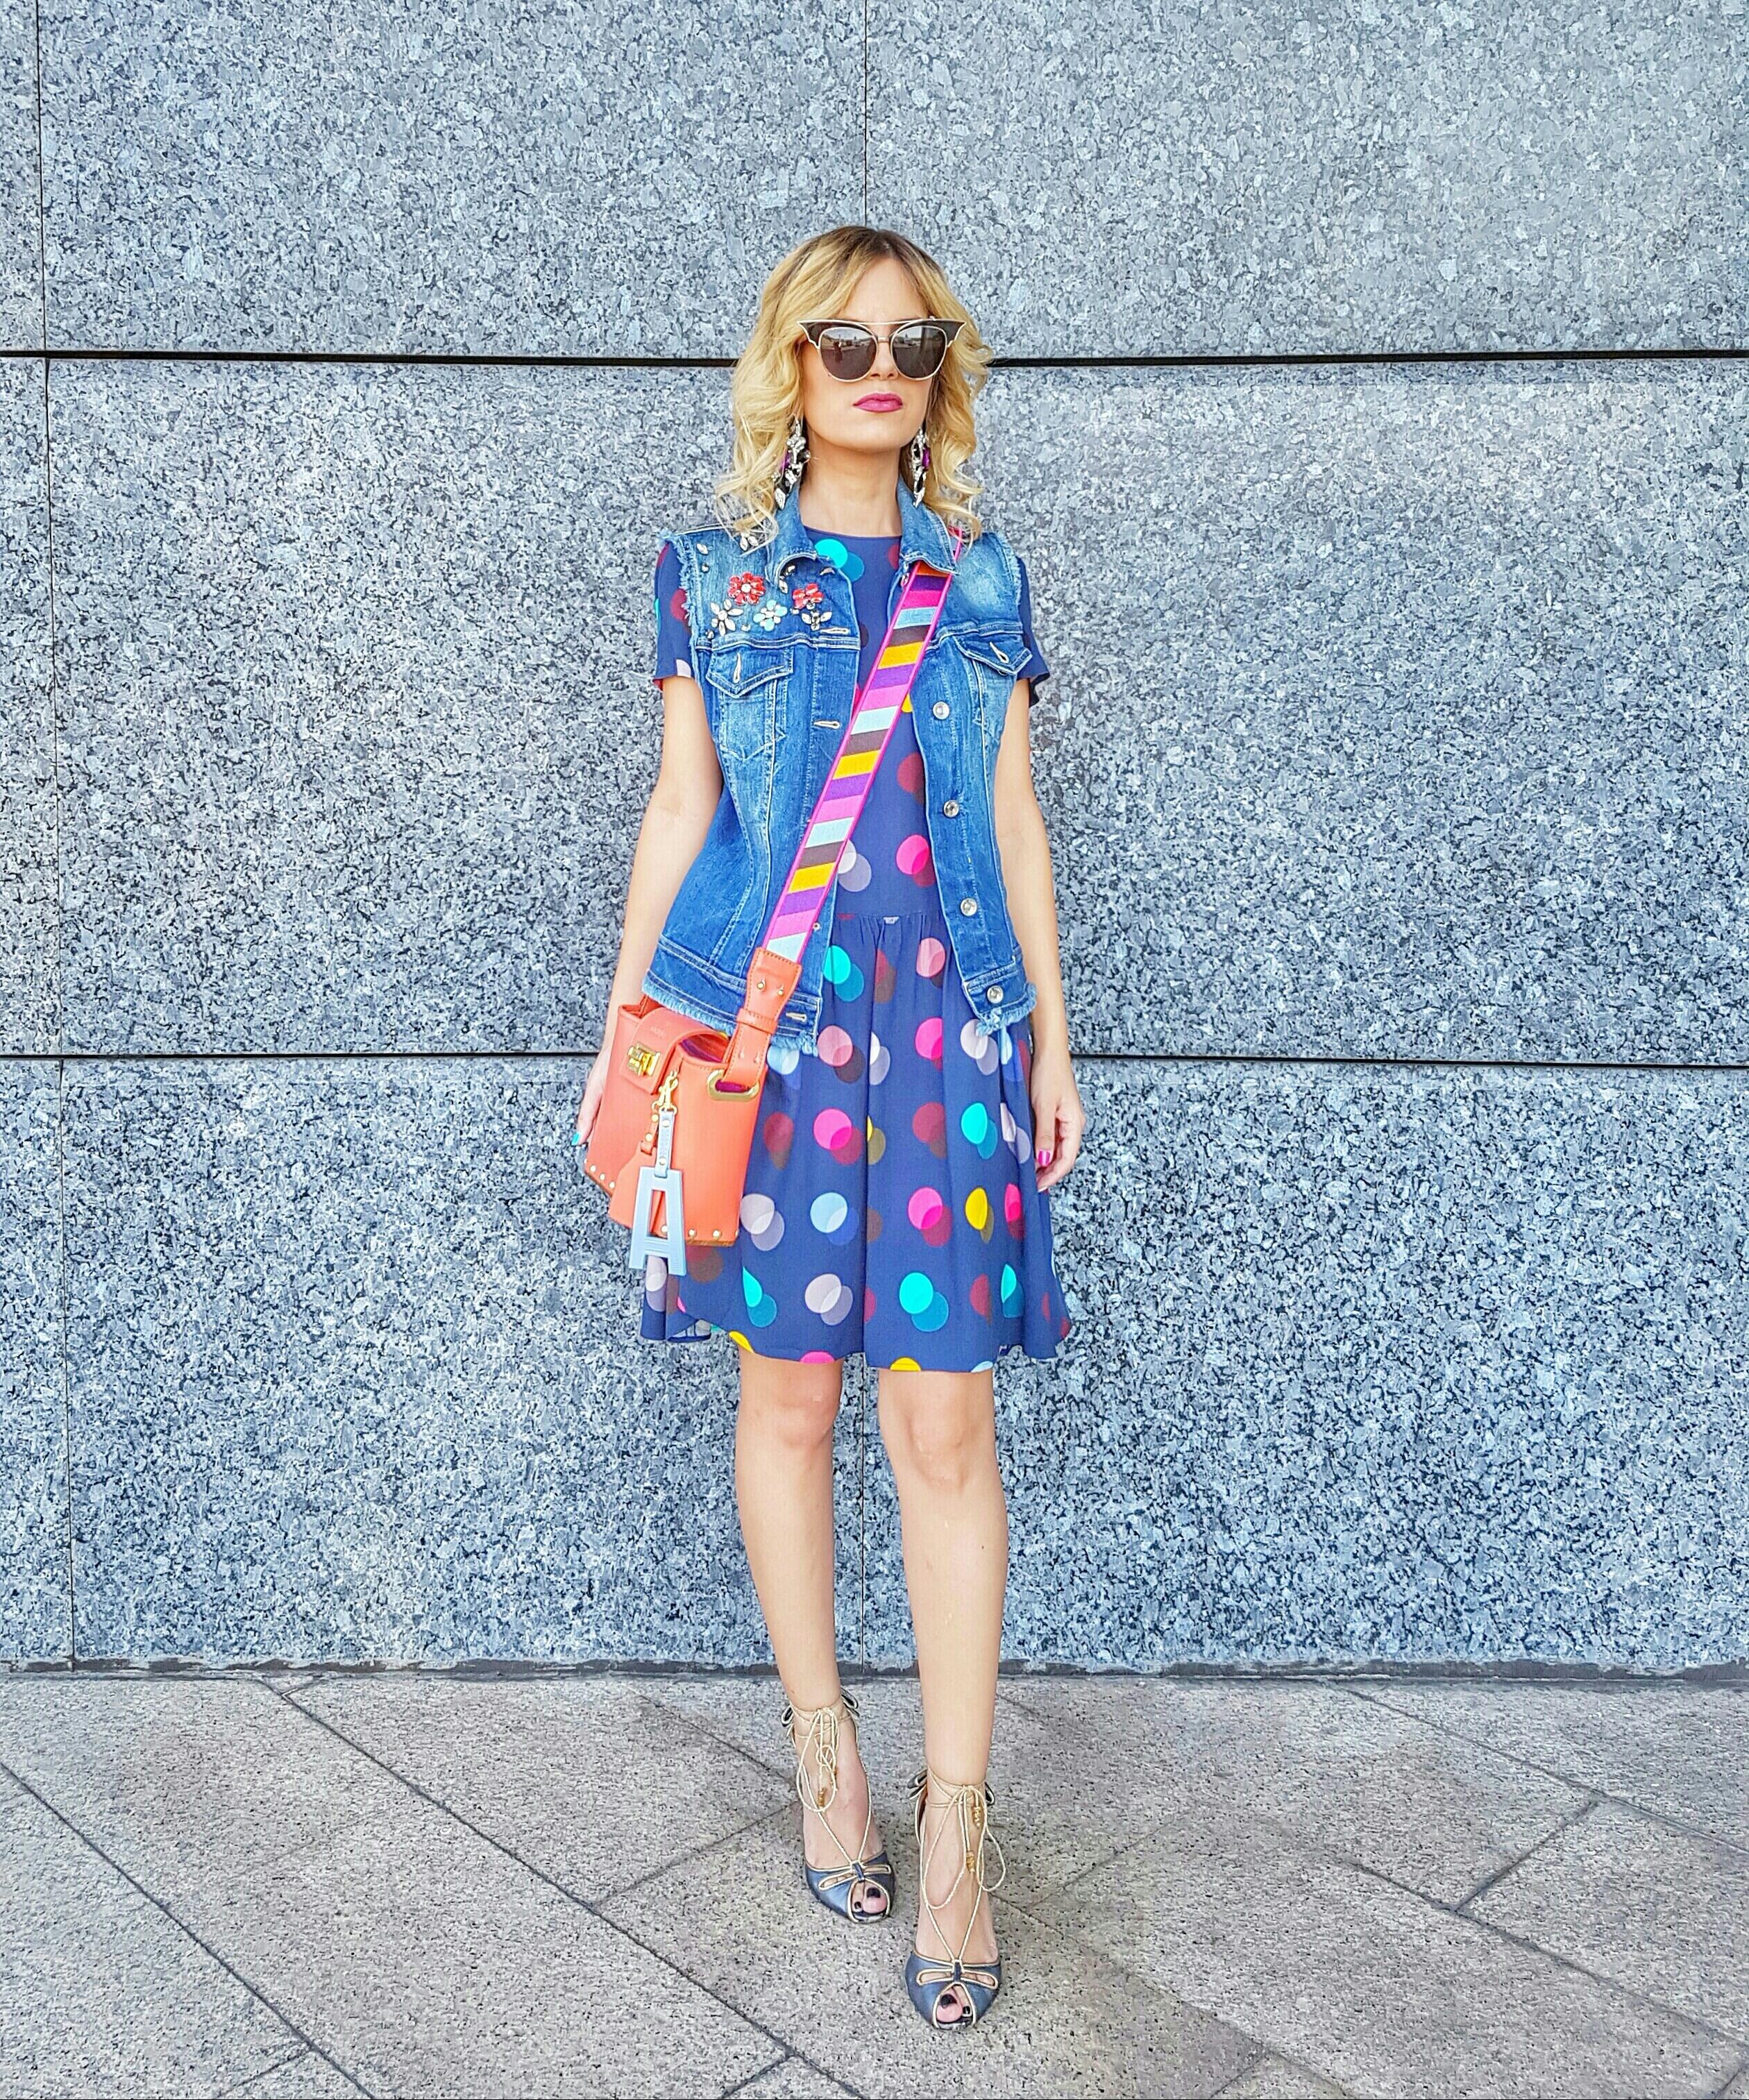 Chiwelook Iviluk Sinergija Kreativnih Misli Modernog Dizajna I Umjetnosti Fashion Says